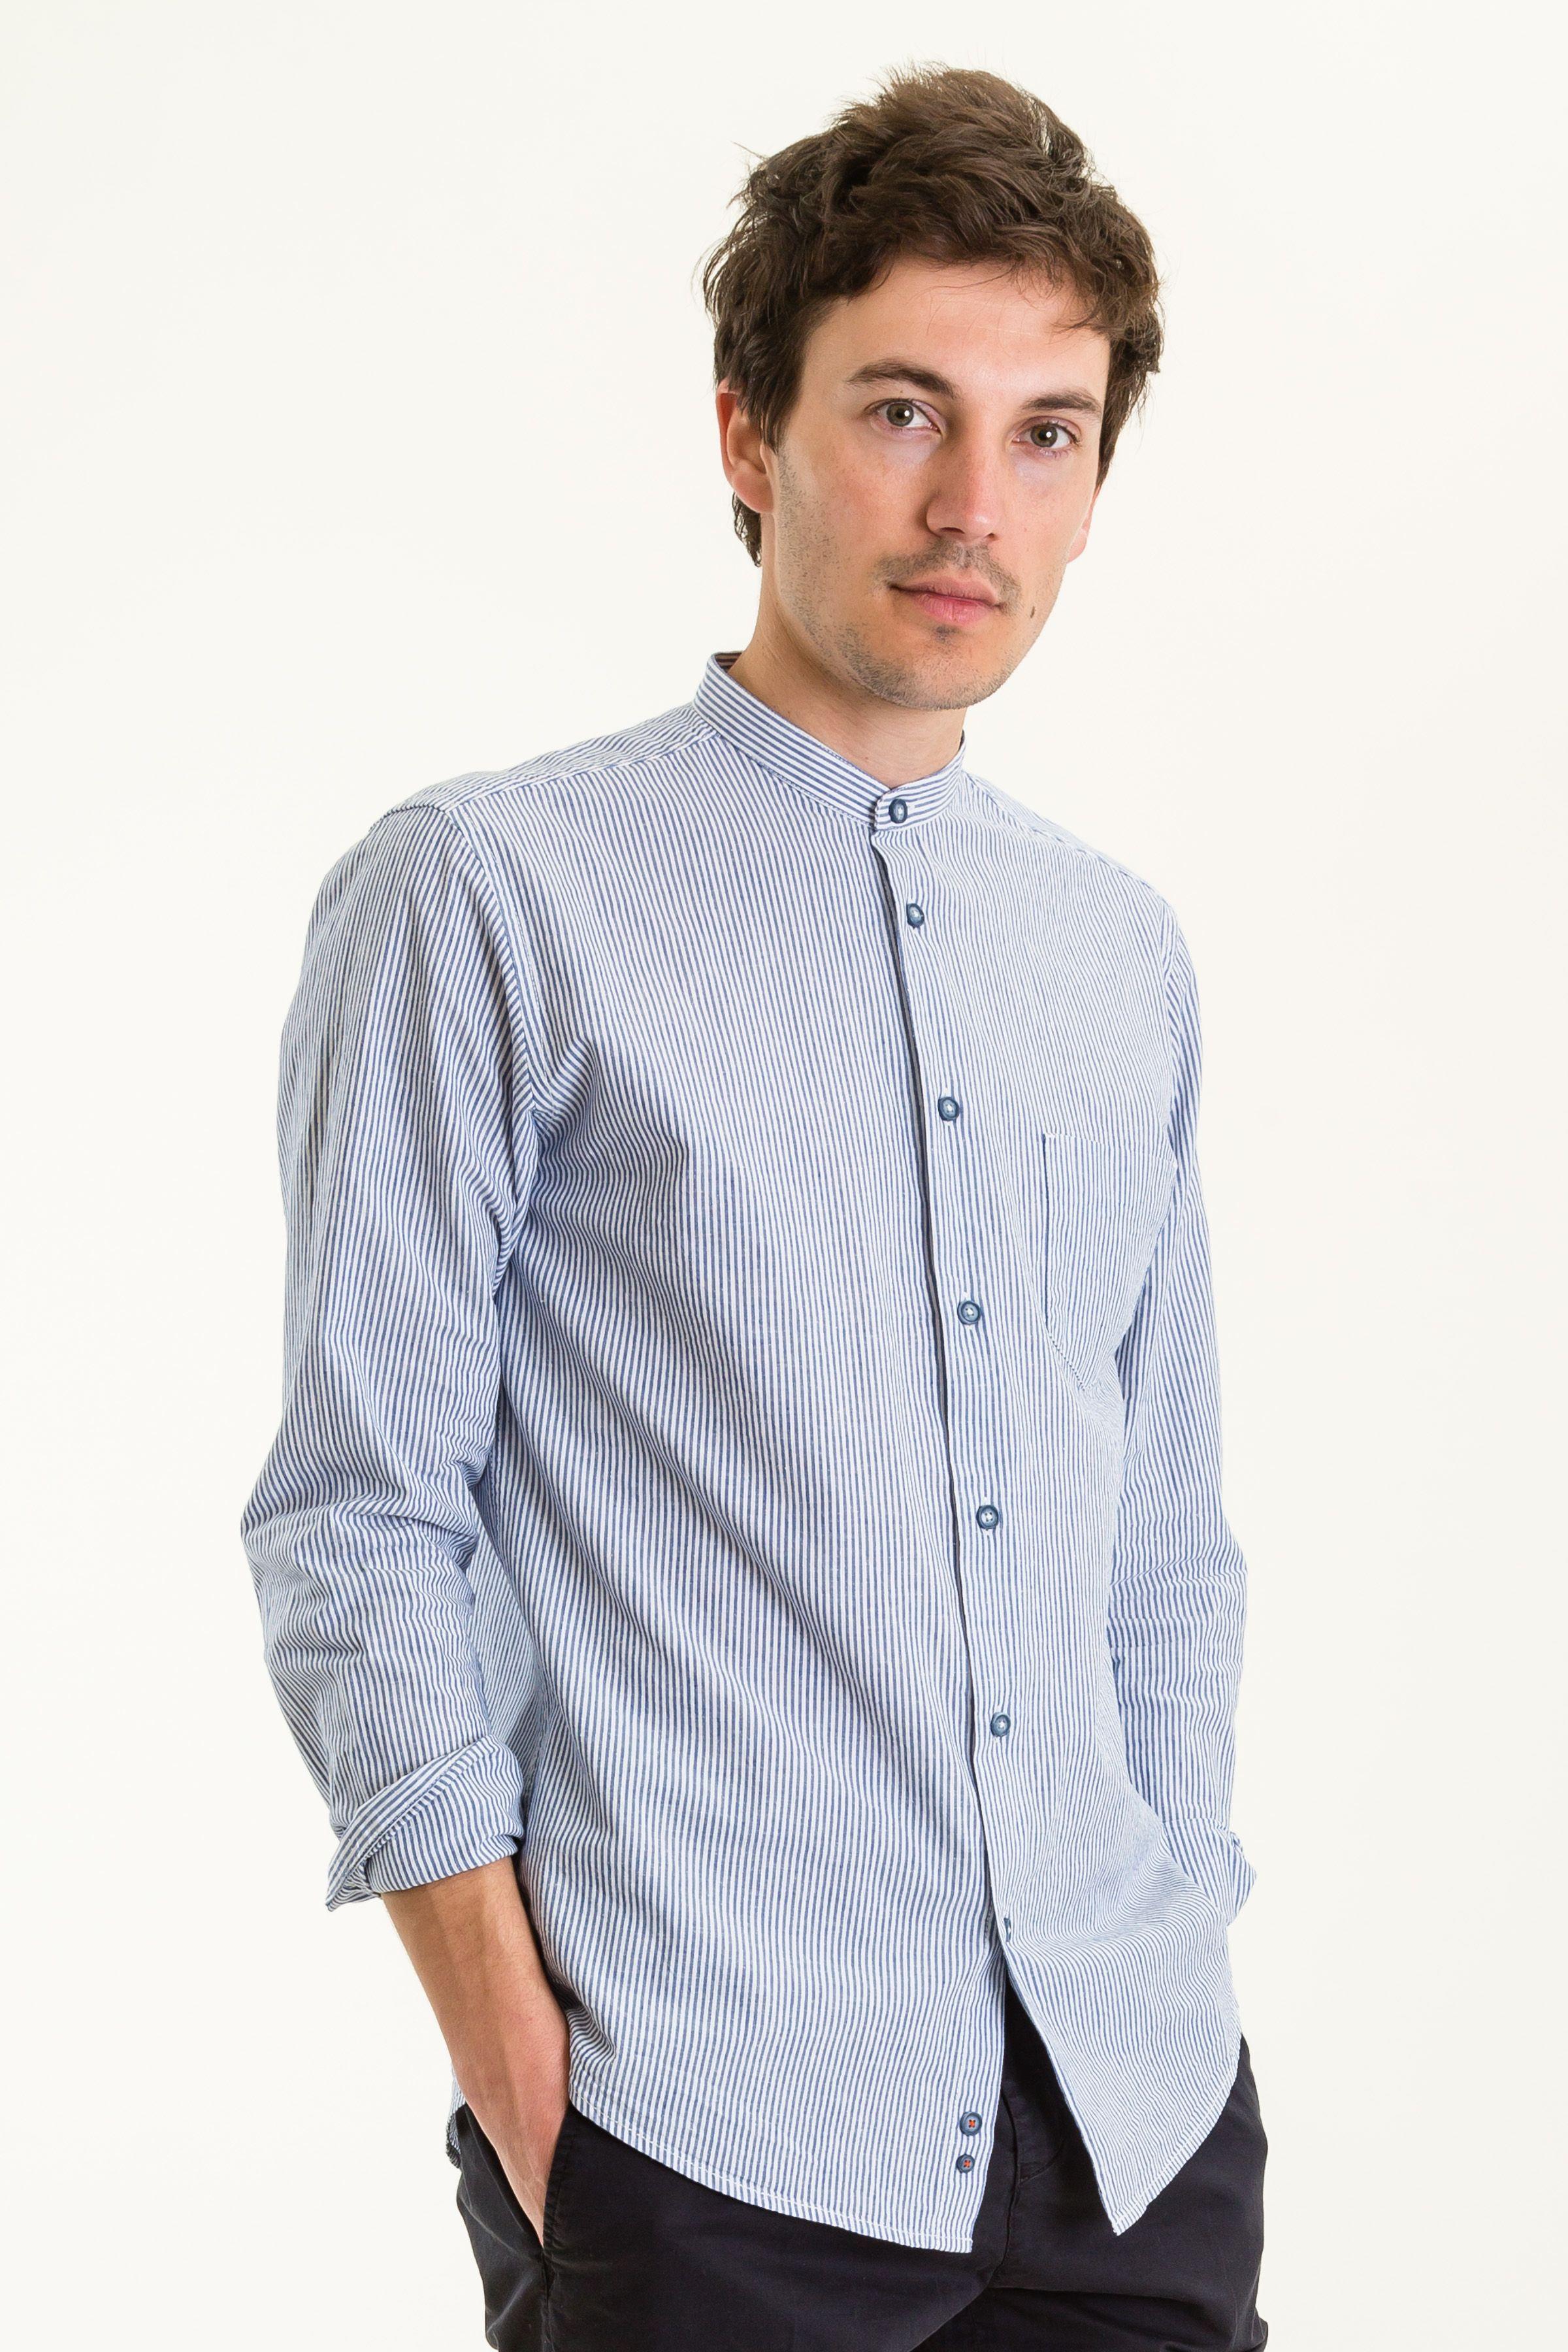 Slim Fit Hemd blau weiß gestreift Hemden BEKLEIDUNG